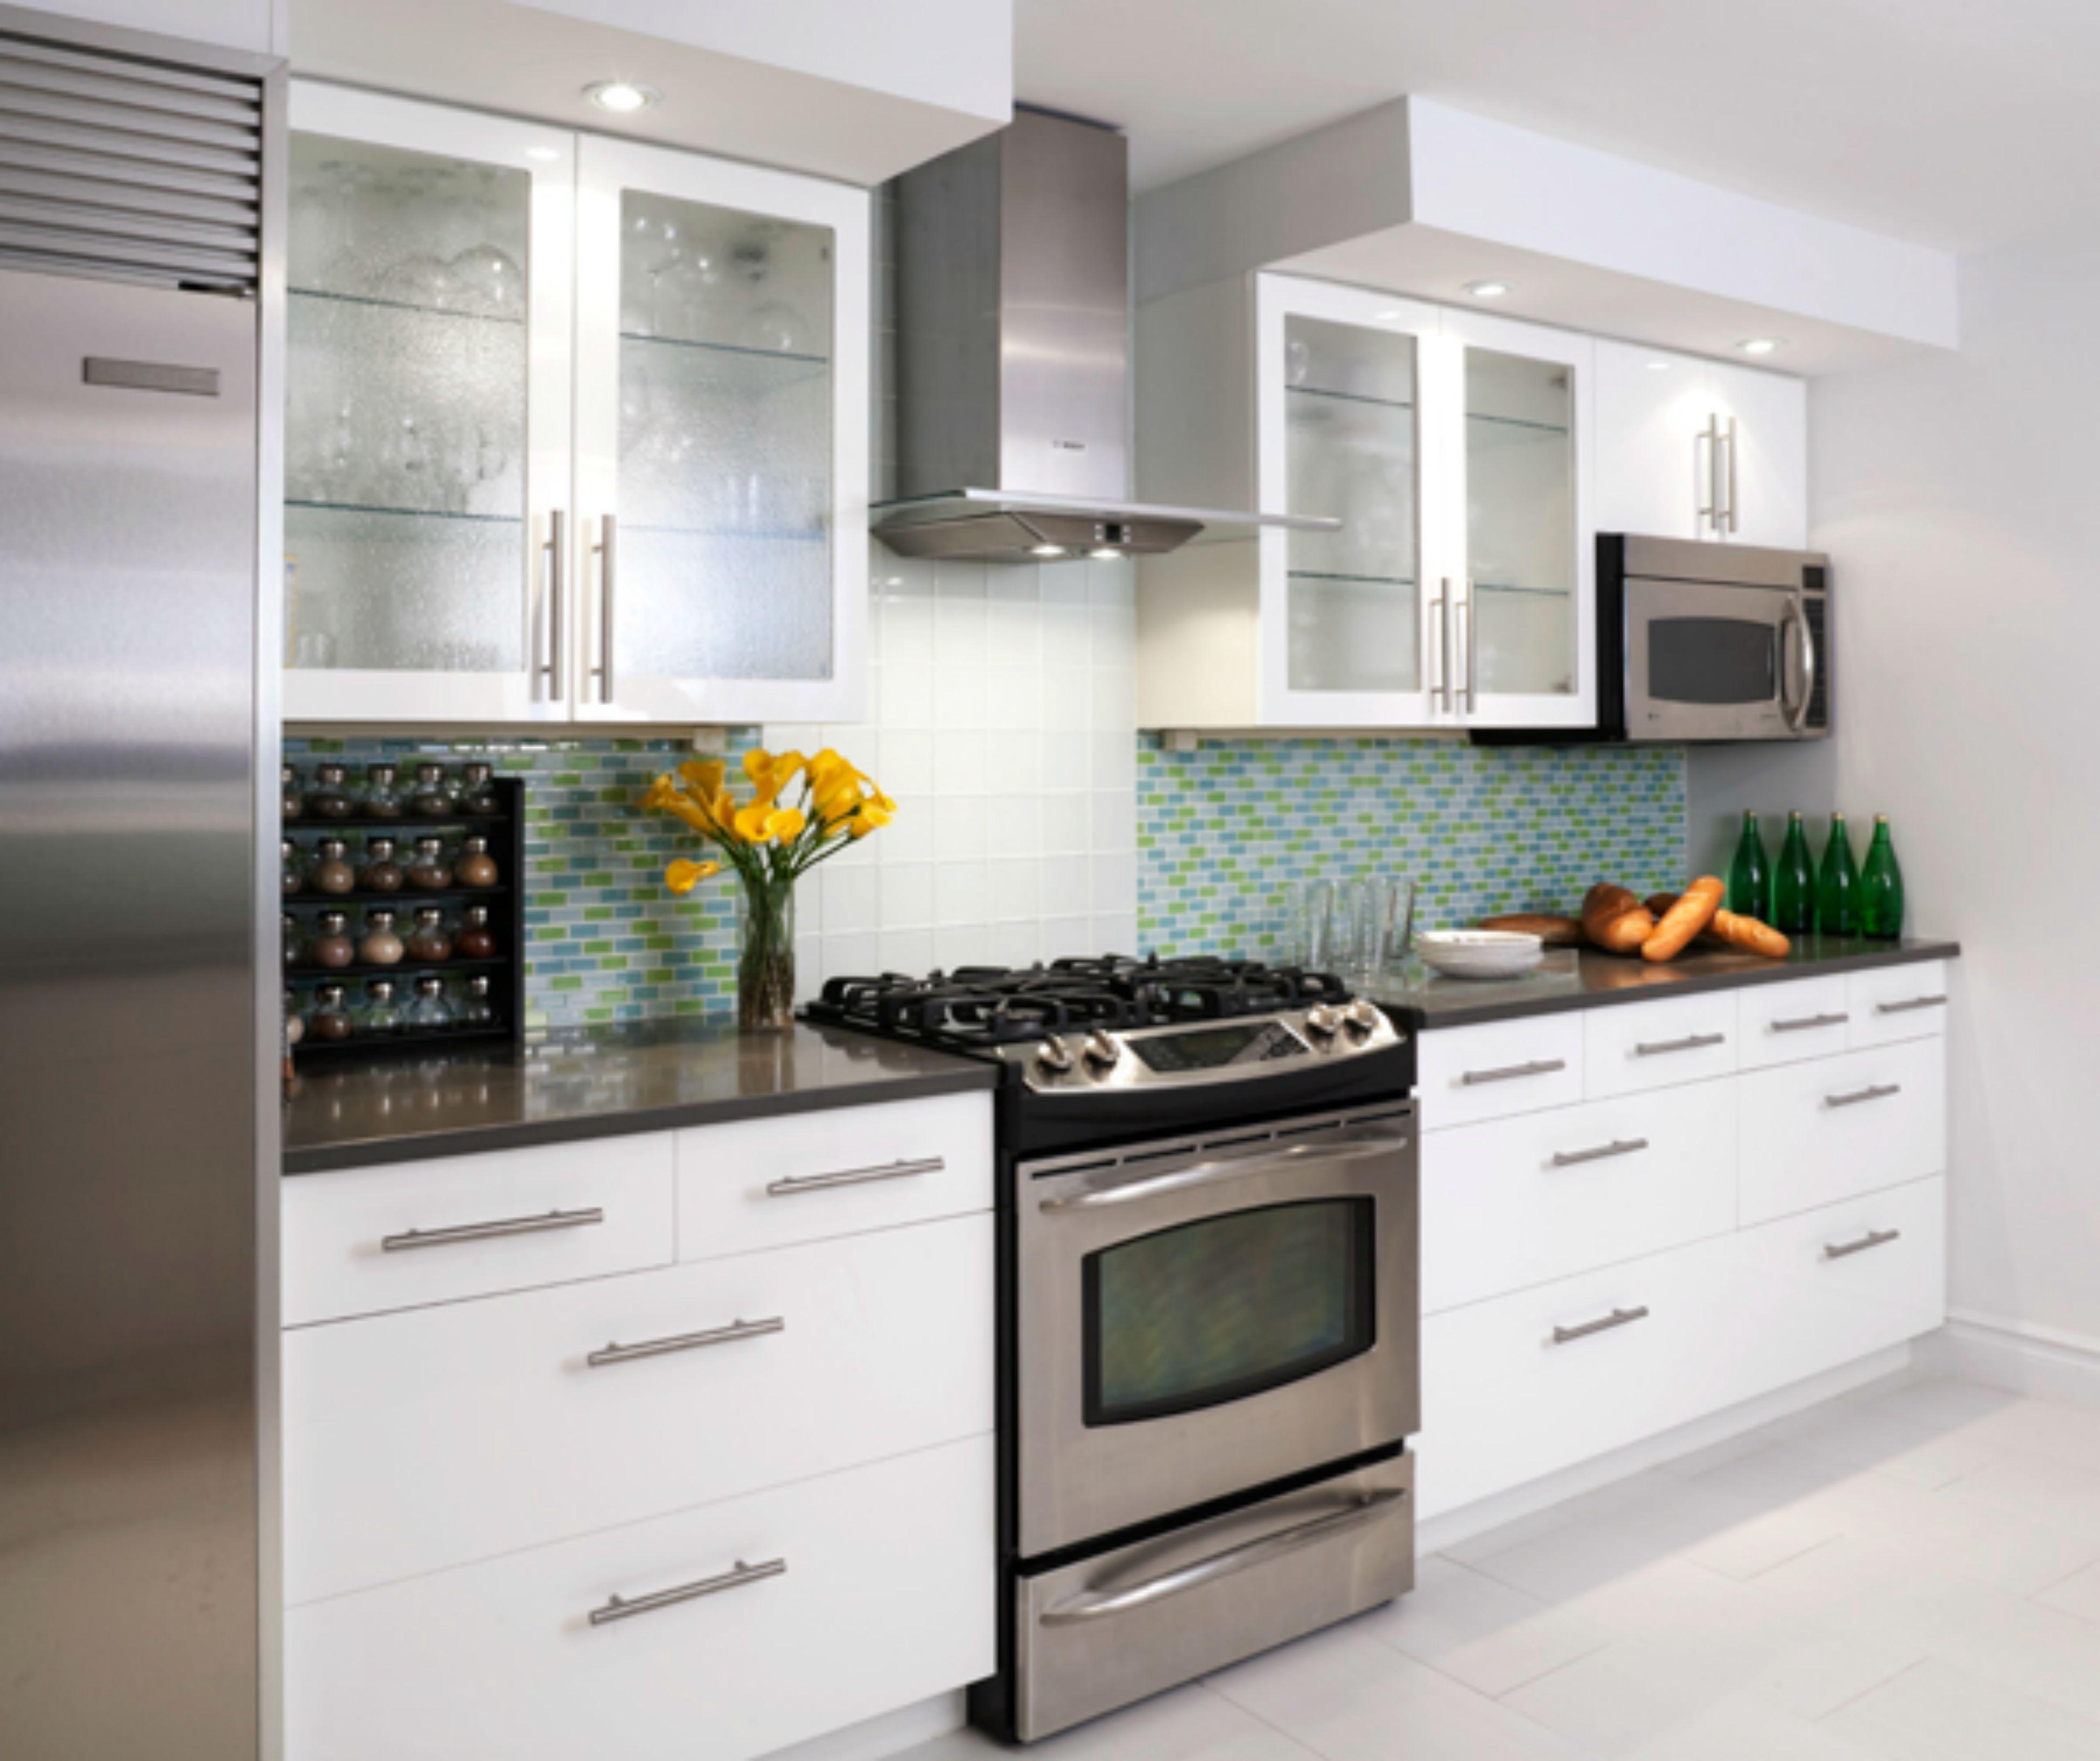 Inspiring kitchen remodel details green blue tile backsplash